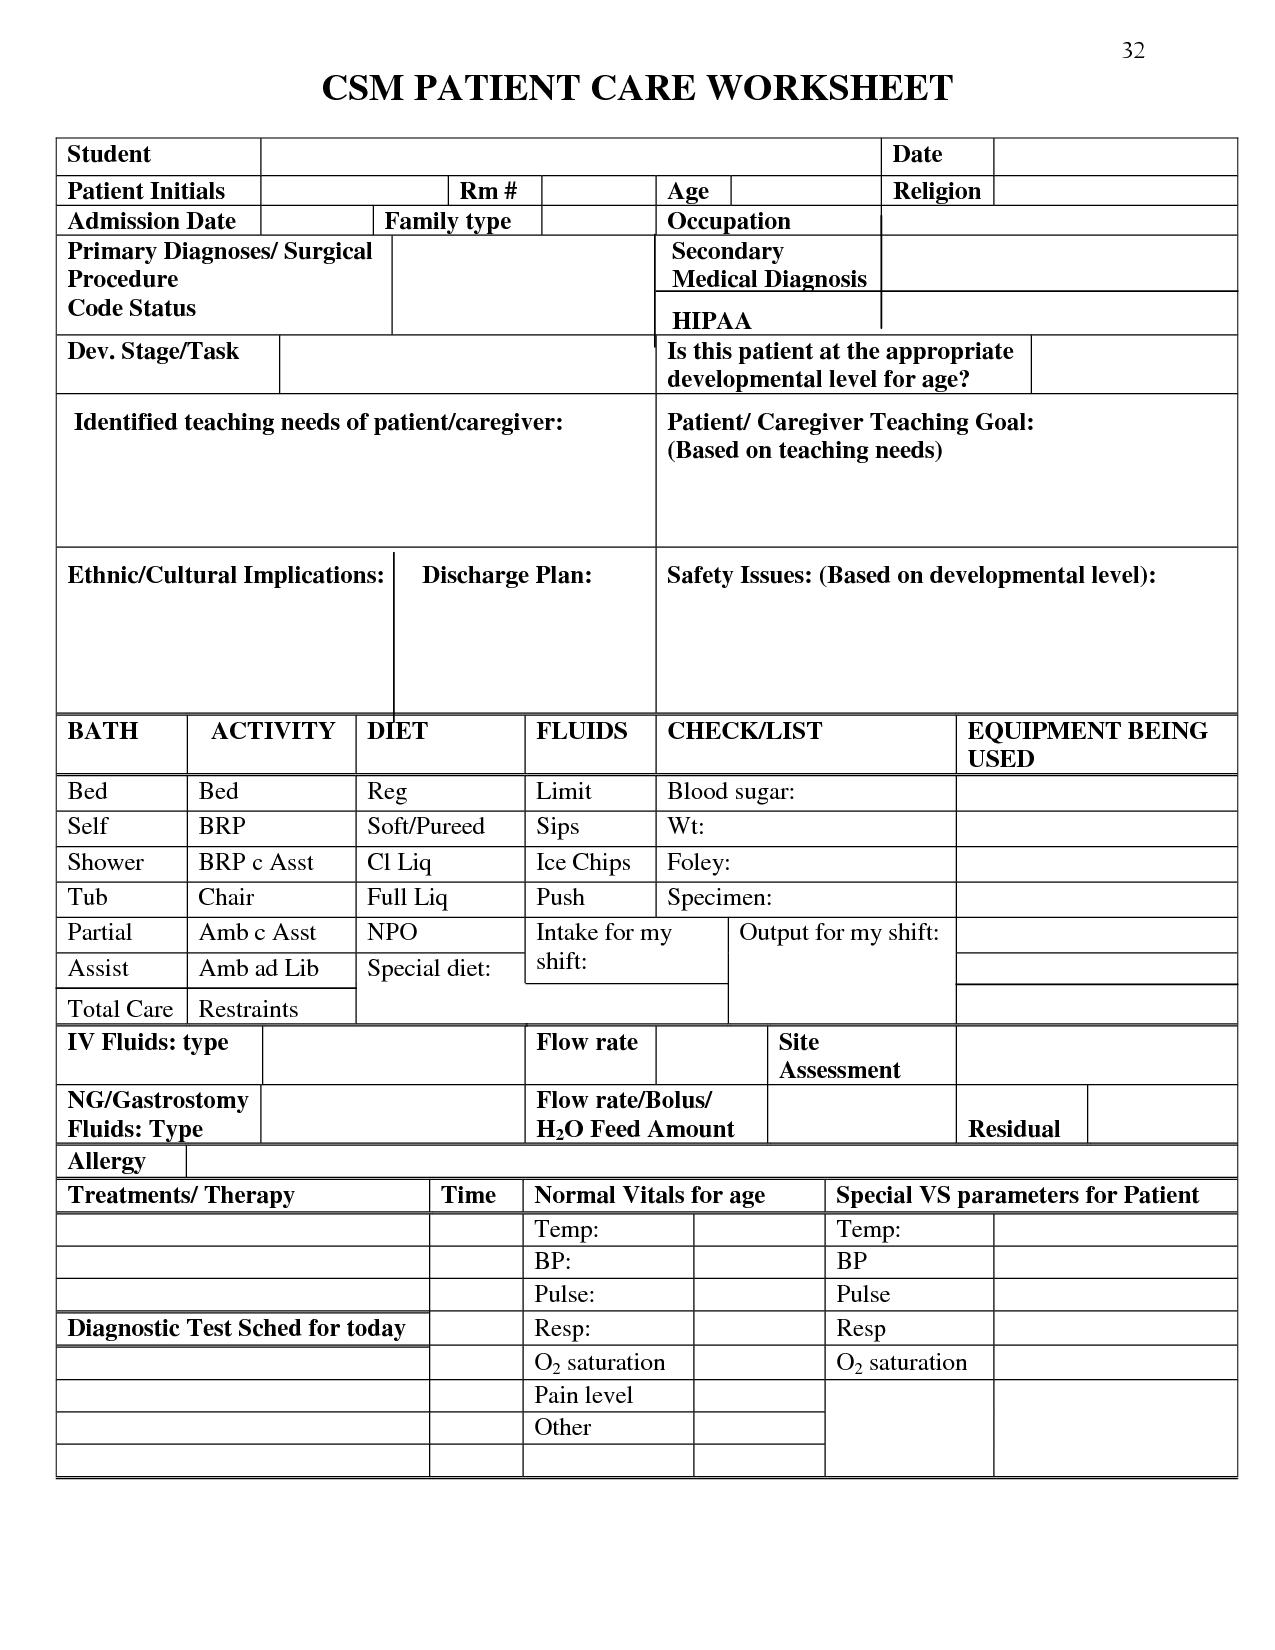 Diagnosis Activity Intolerance Nursing Diagnosis